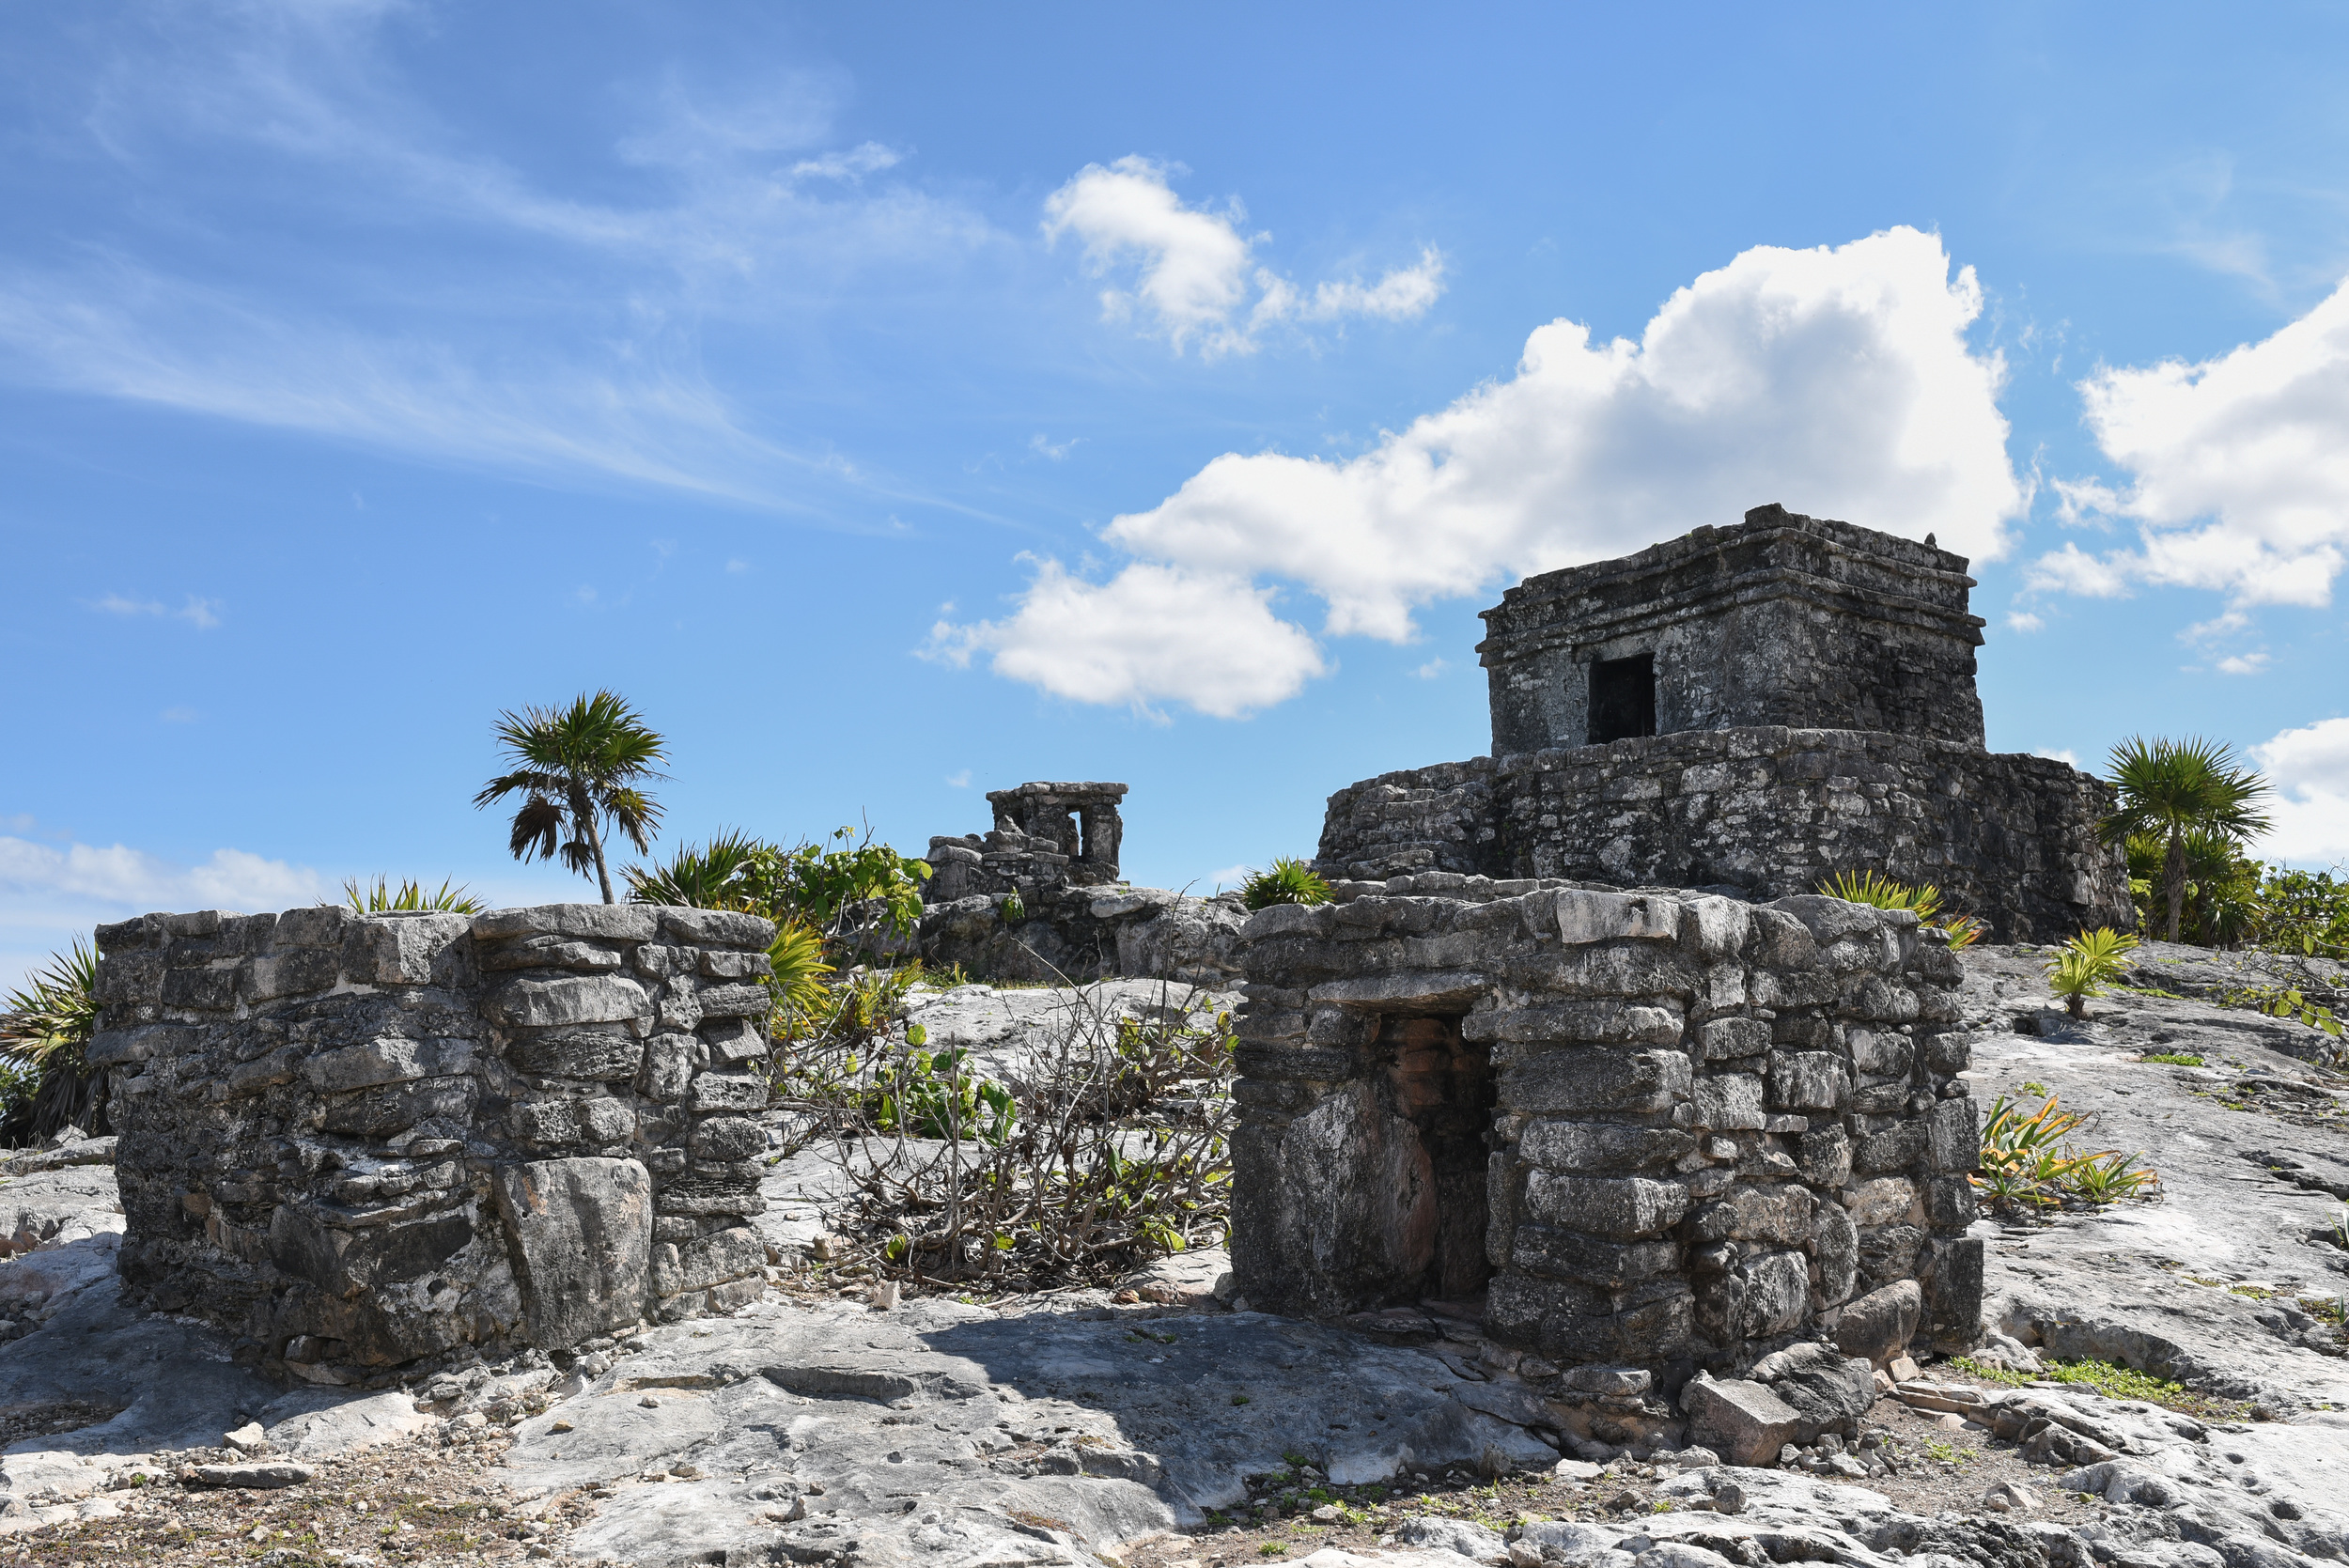 Mexico-Mayan-Ruins-5.jpg